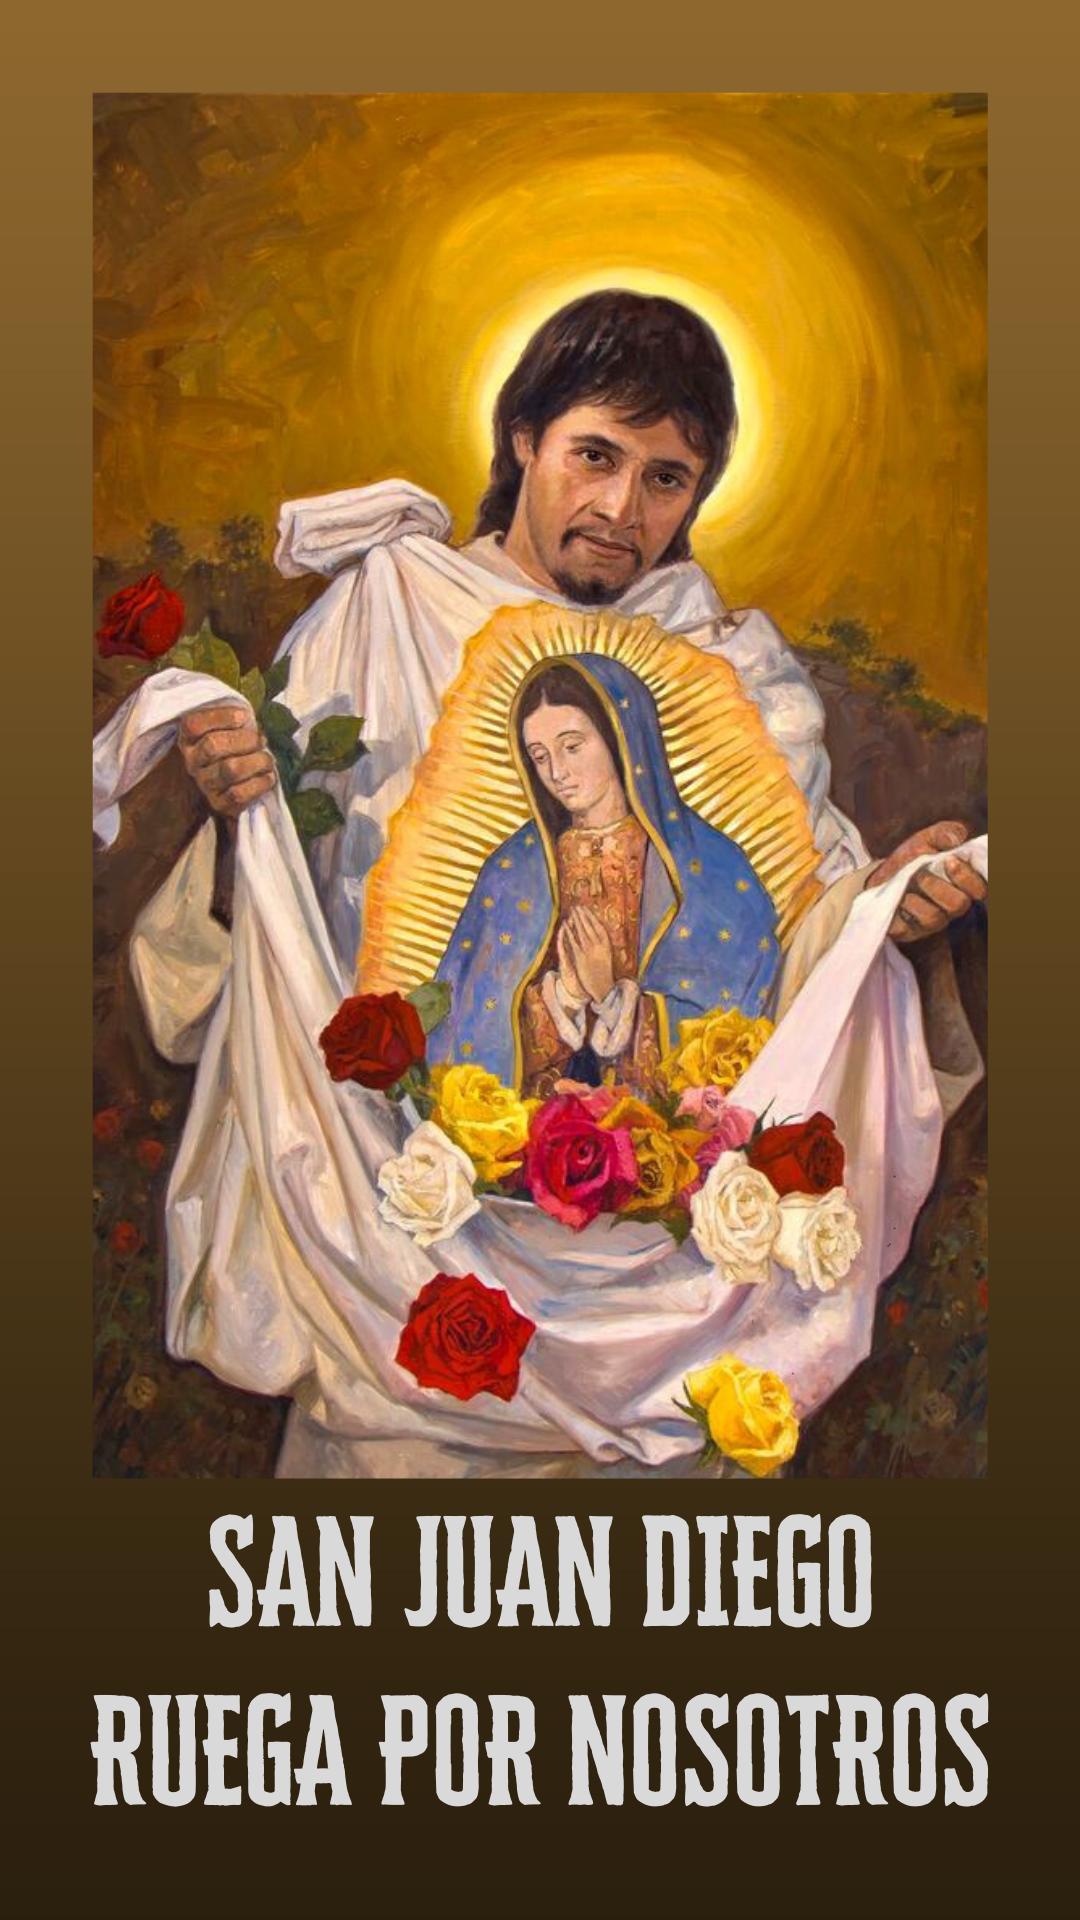 San Juan Diego Arte Religioso San Juan Diego Arte